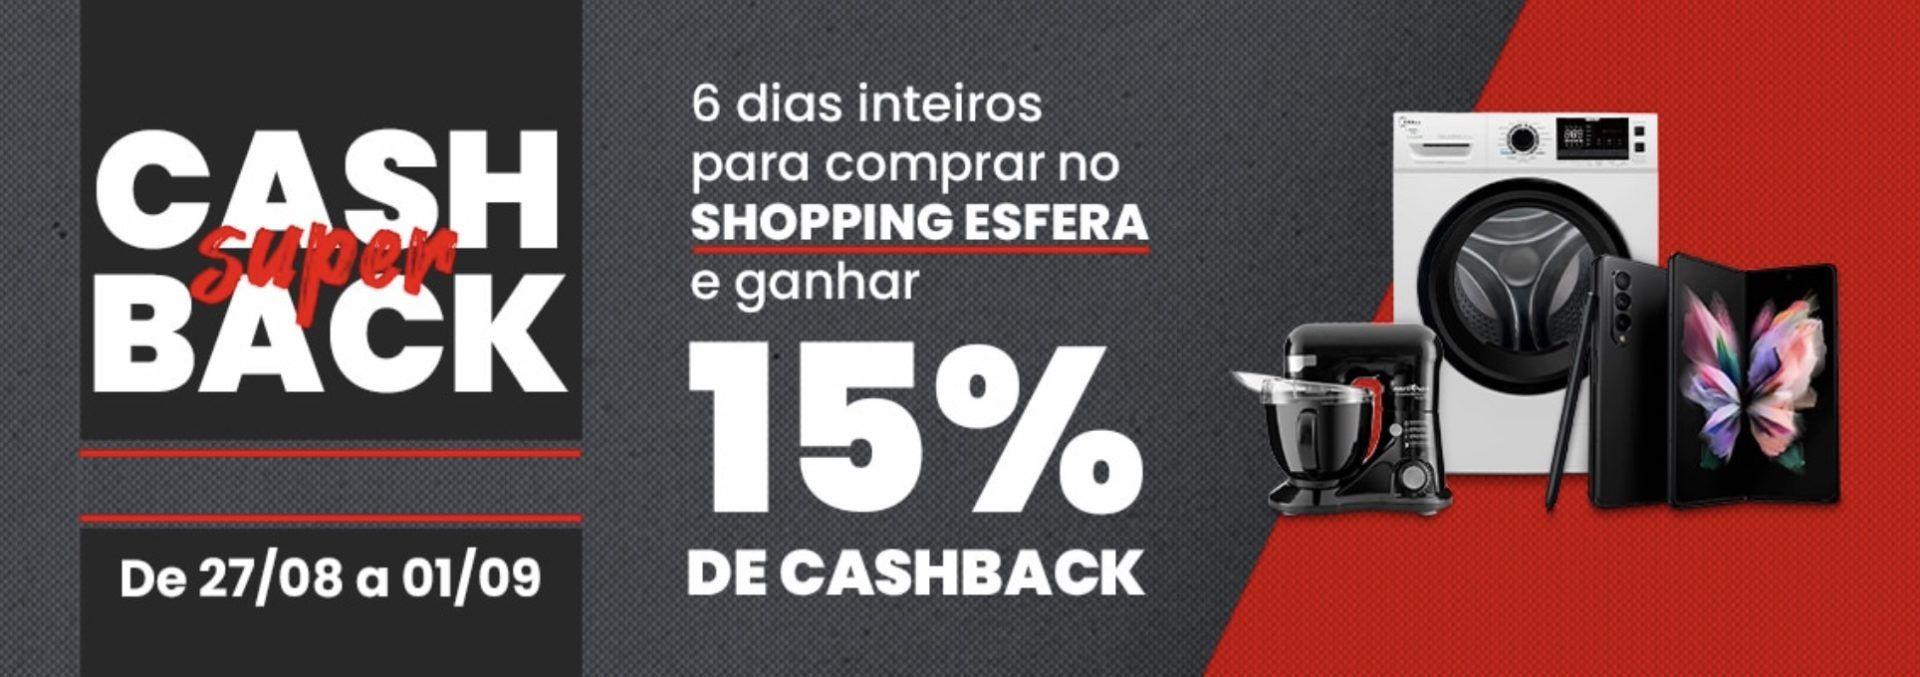 Esfera cashback 15%